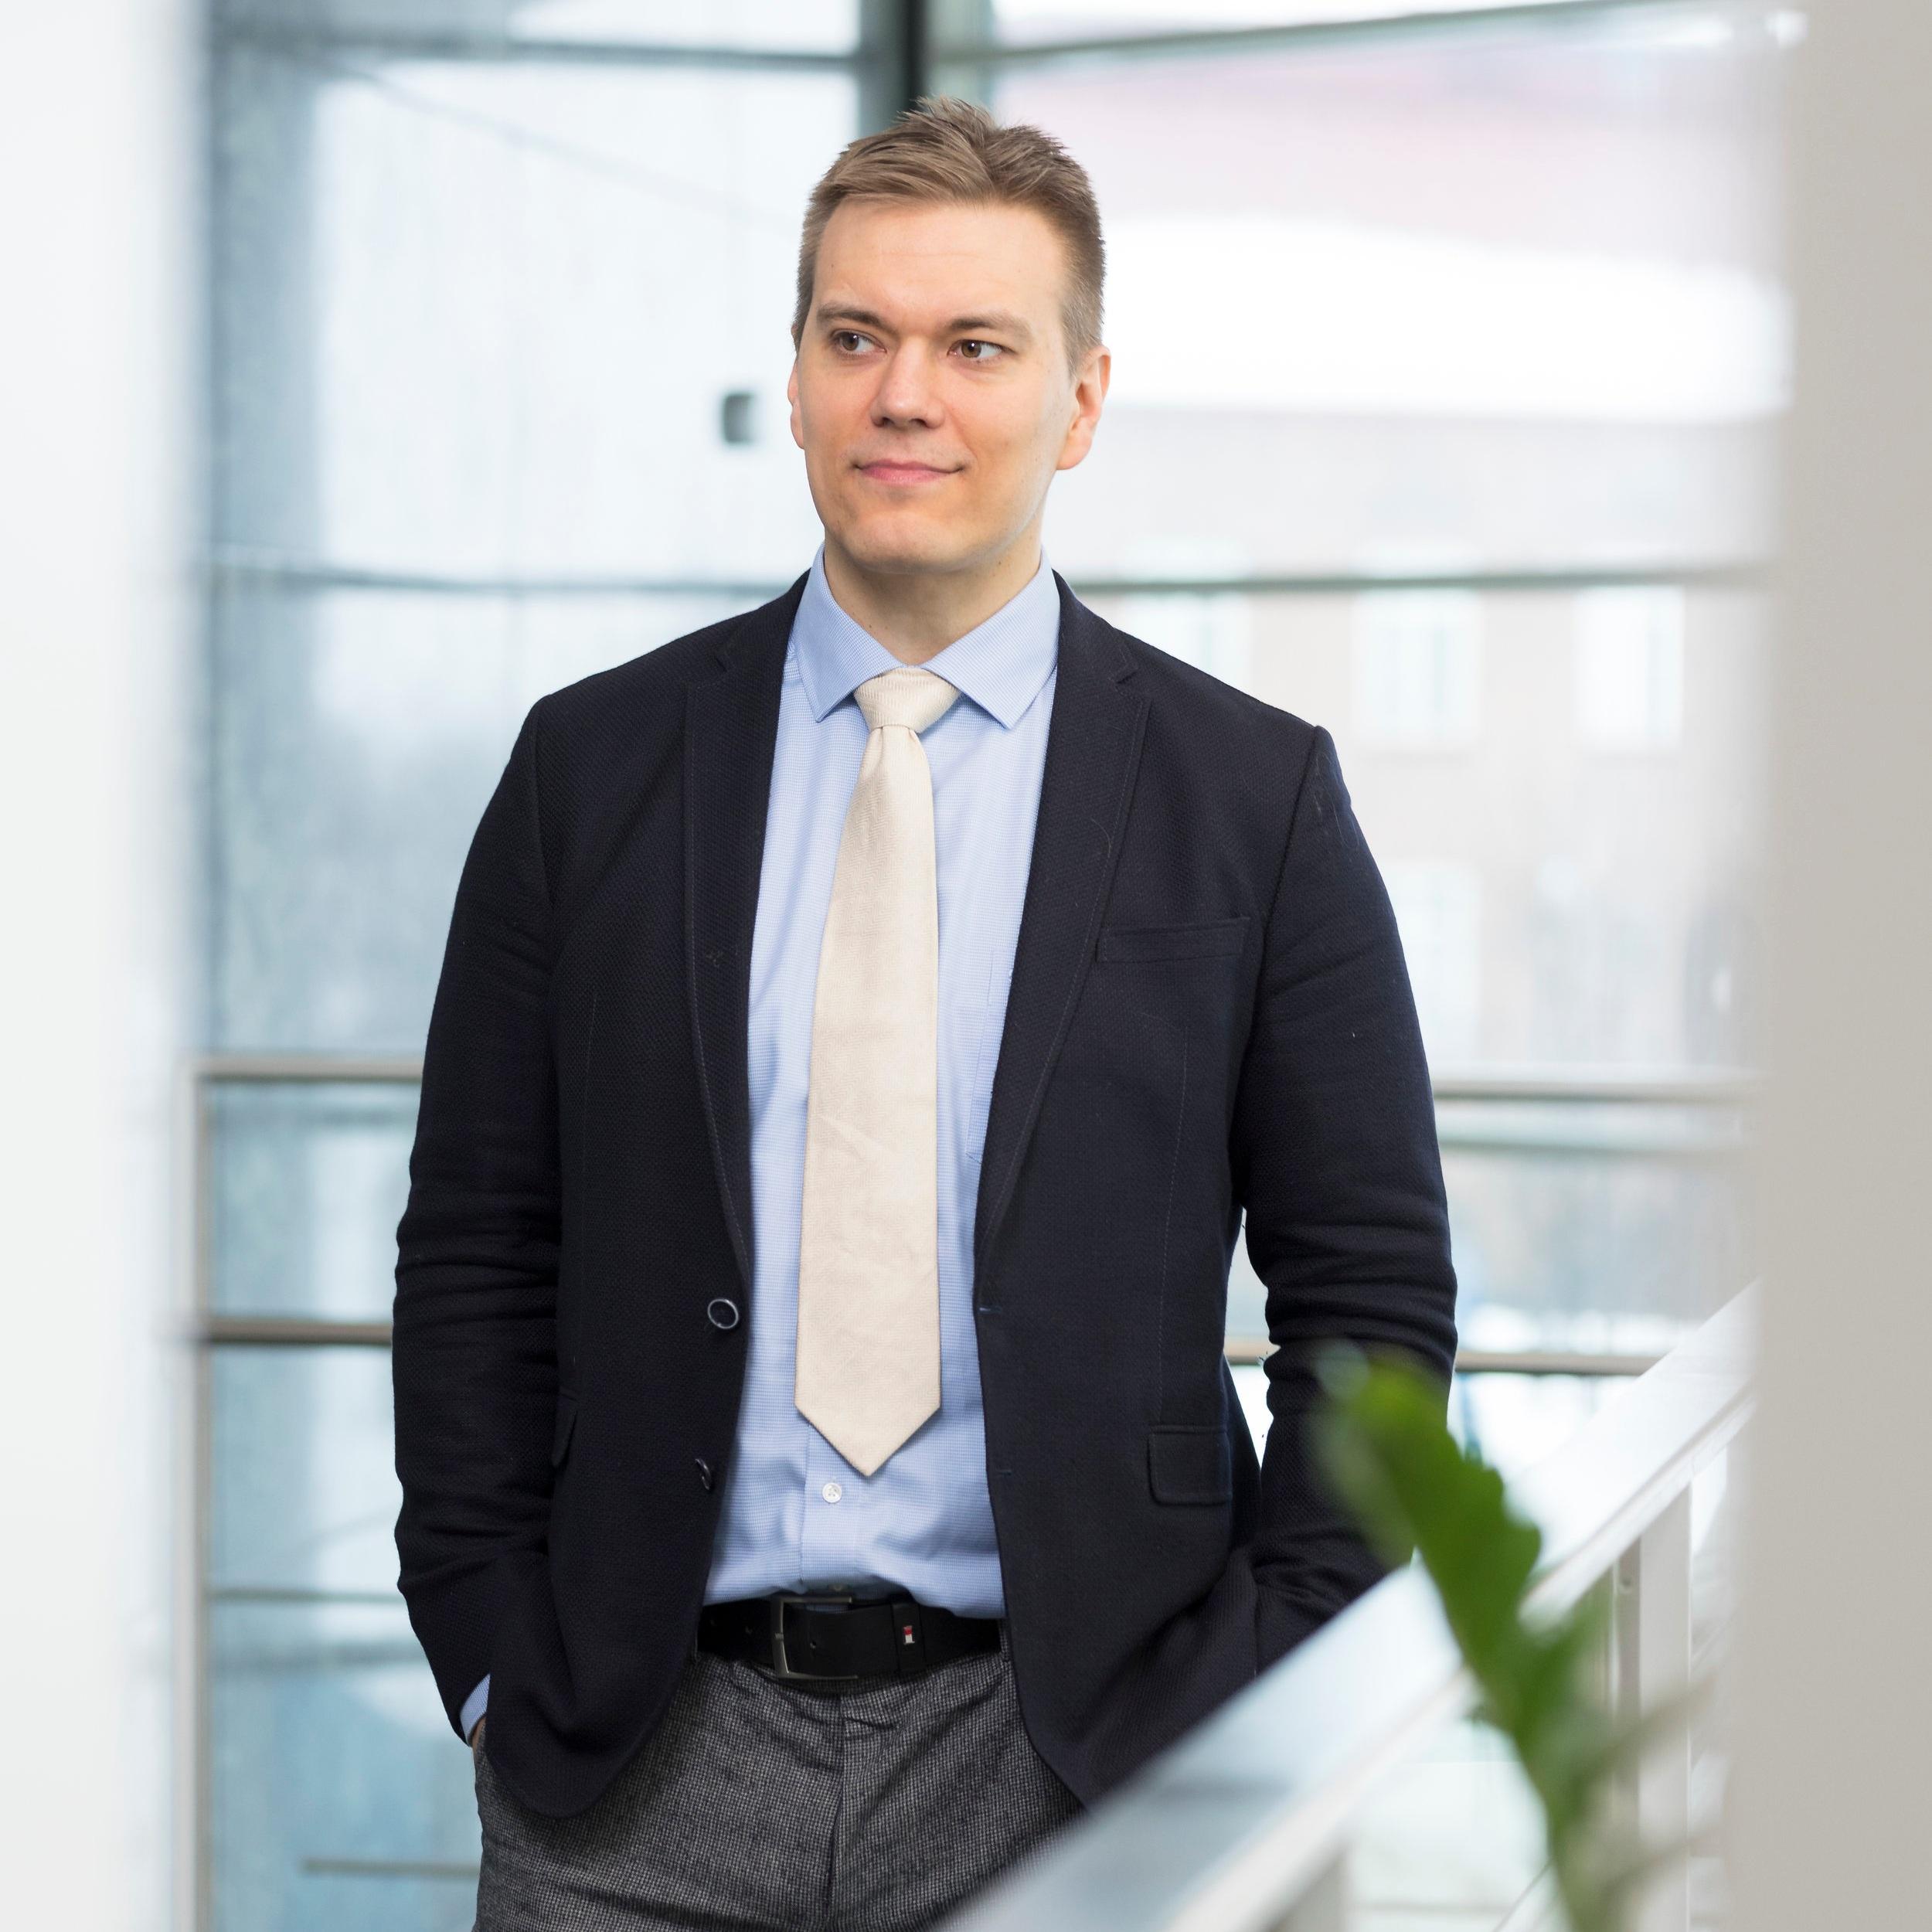 Olli-Pekka Malinen - Lead Expert at EduCluster Finland